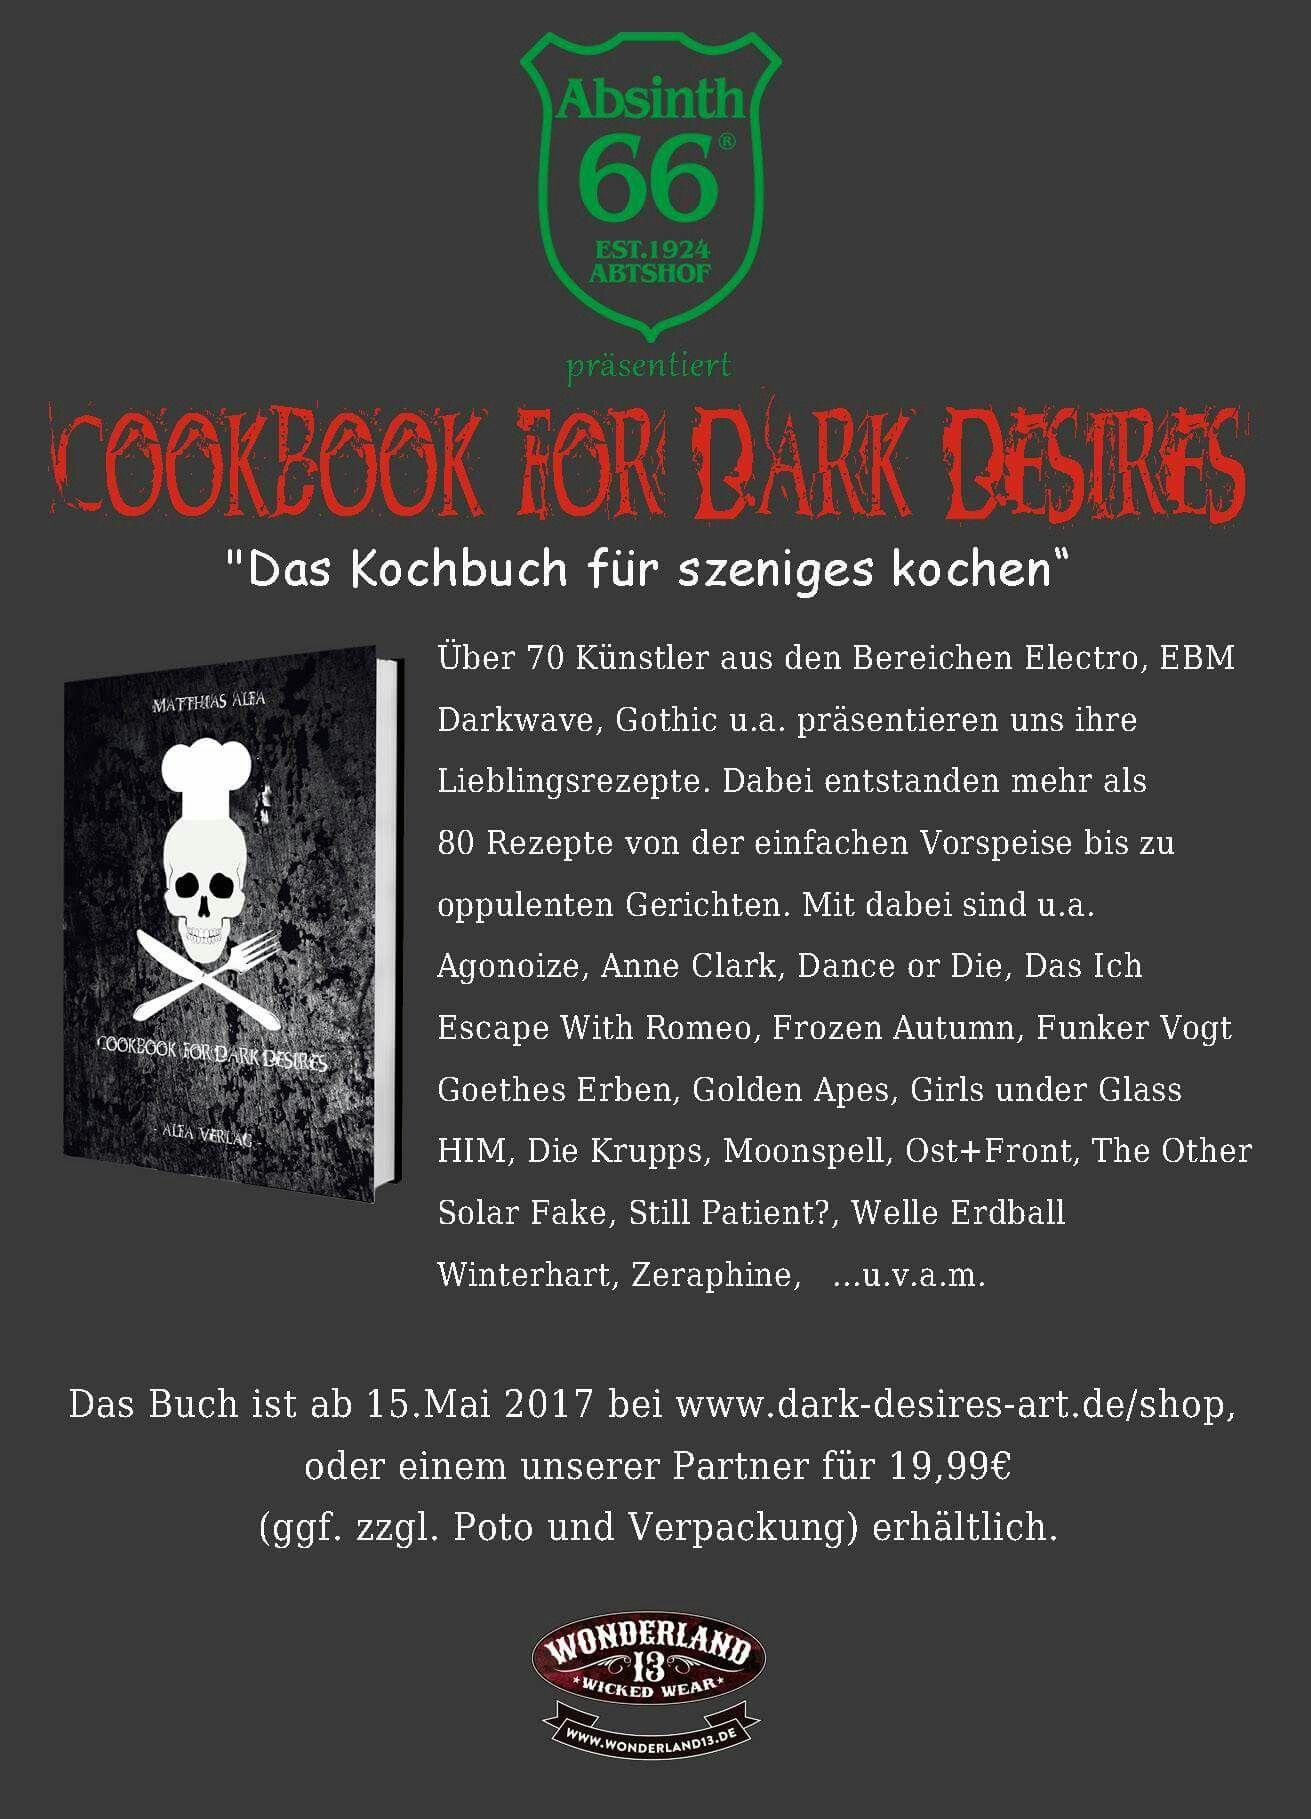 Die Zeit Luft Nutzt Chance Und Bestellt Das Cookbook For Dark